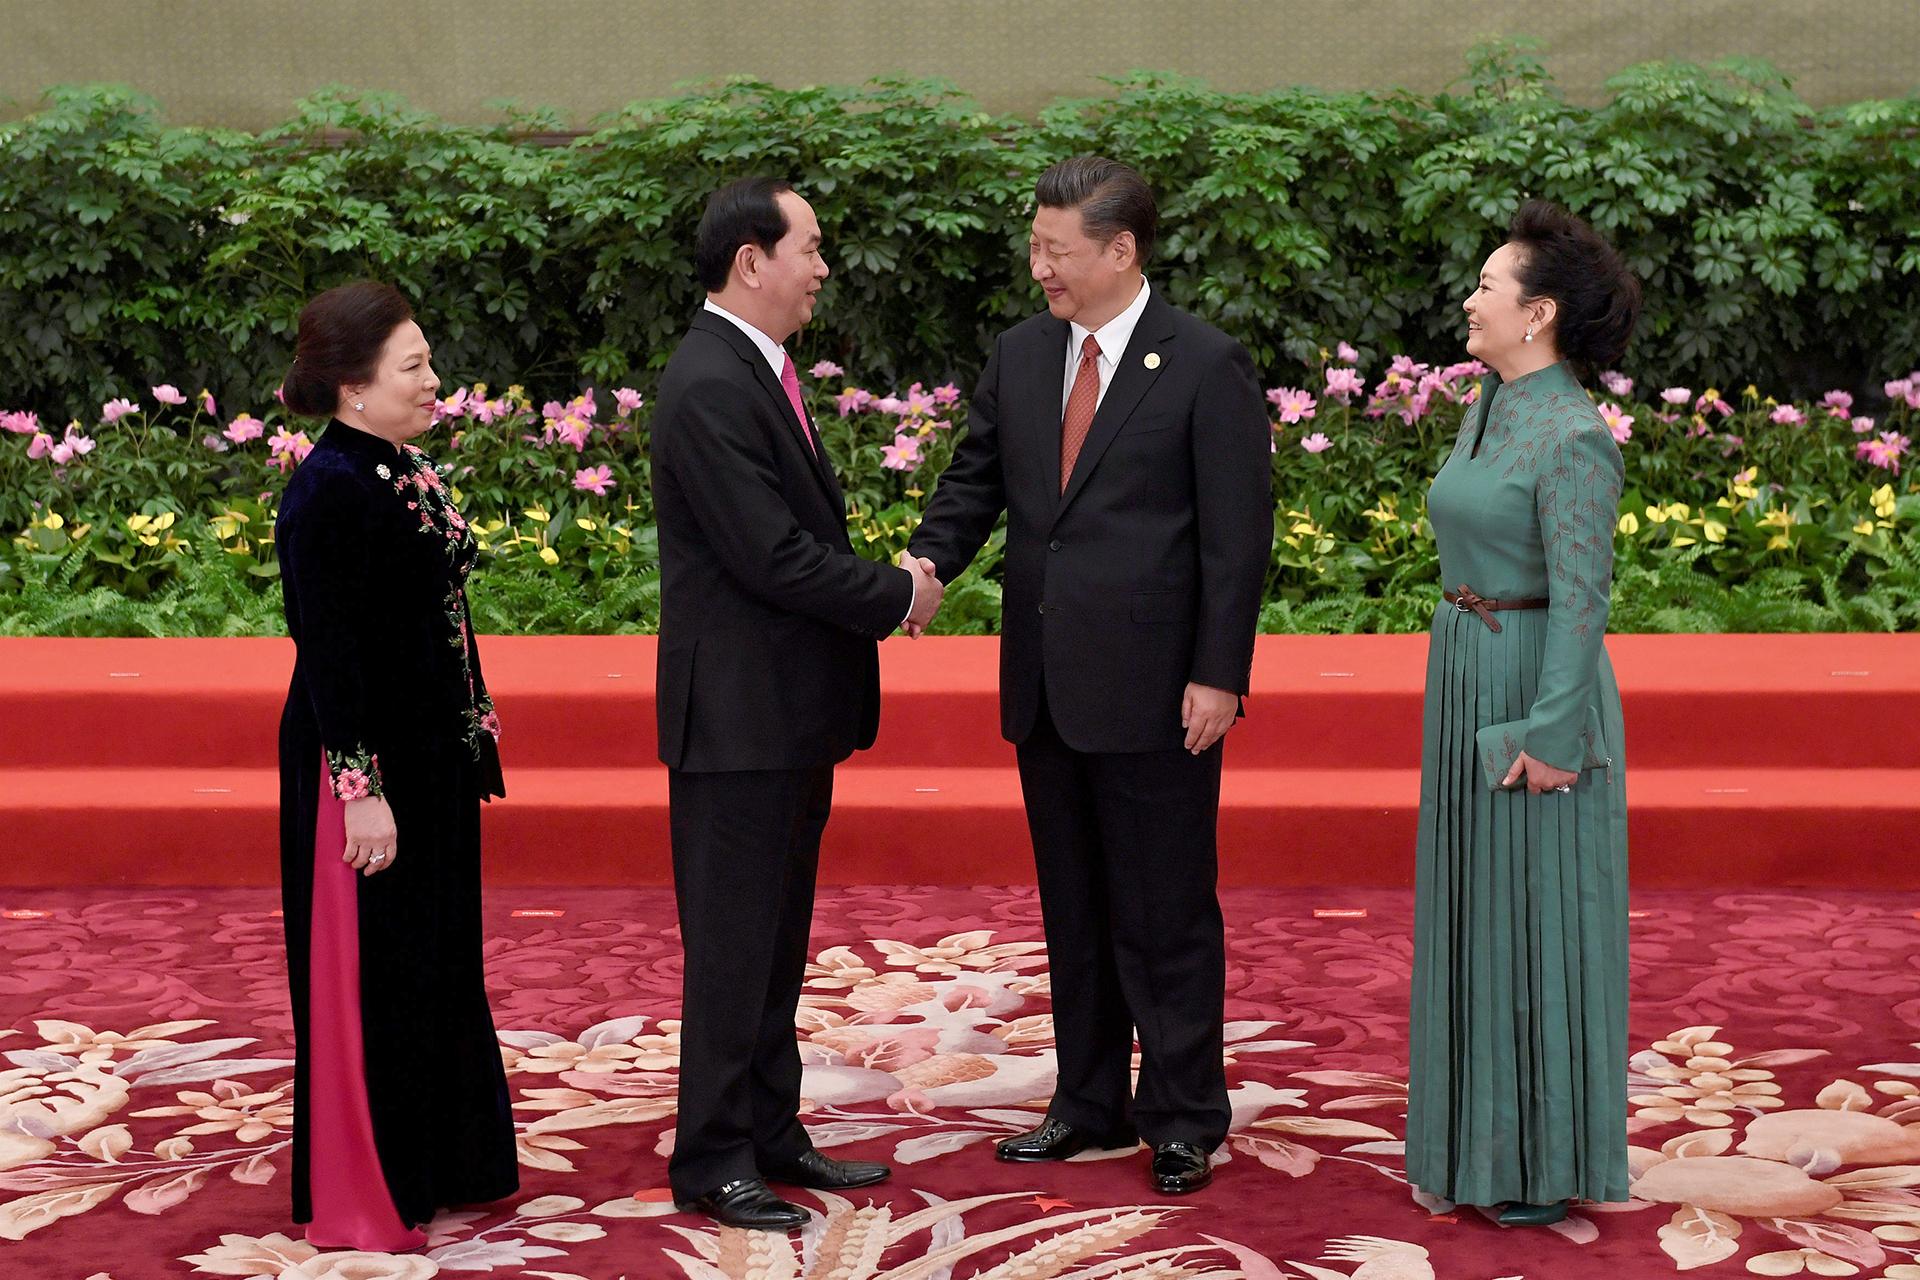 el presidente de Vietnam Tran Dai Quang y su mujer Nguyen Thi Hien